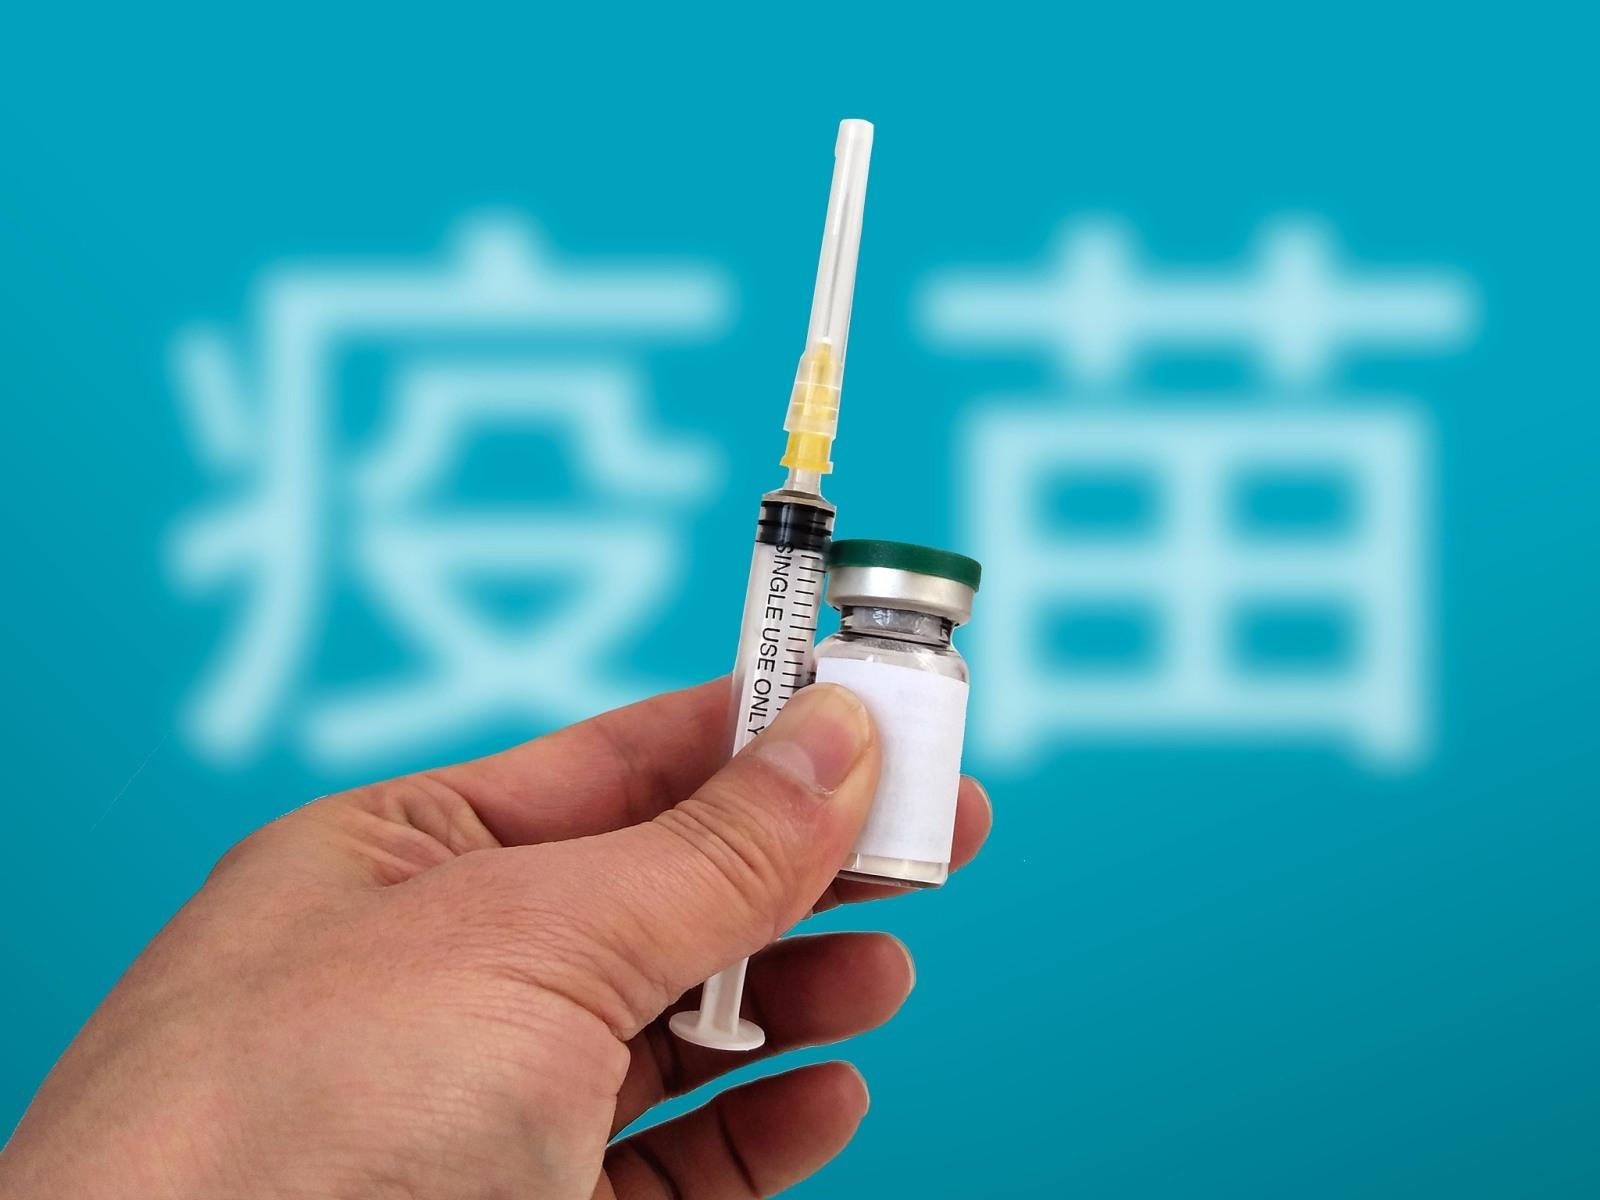 美国将允许完全接种国药和科兴两种疫苗者入境